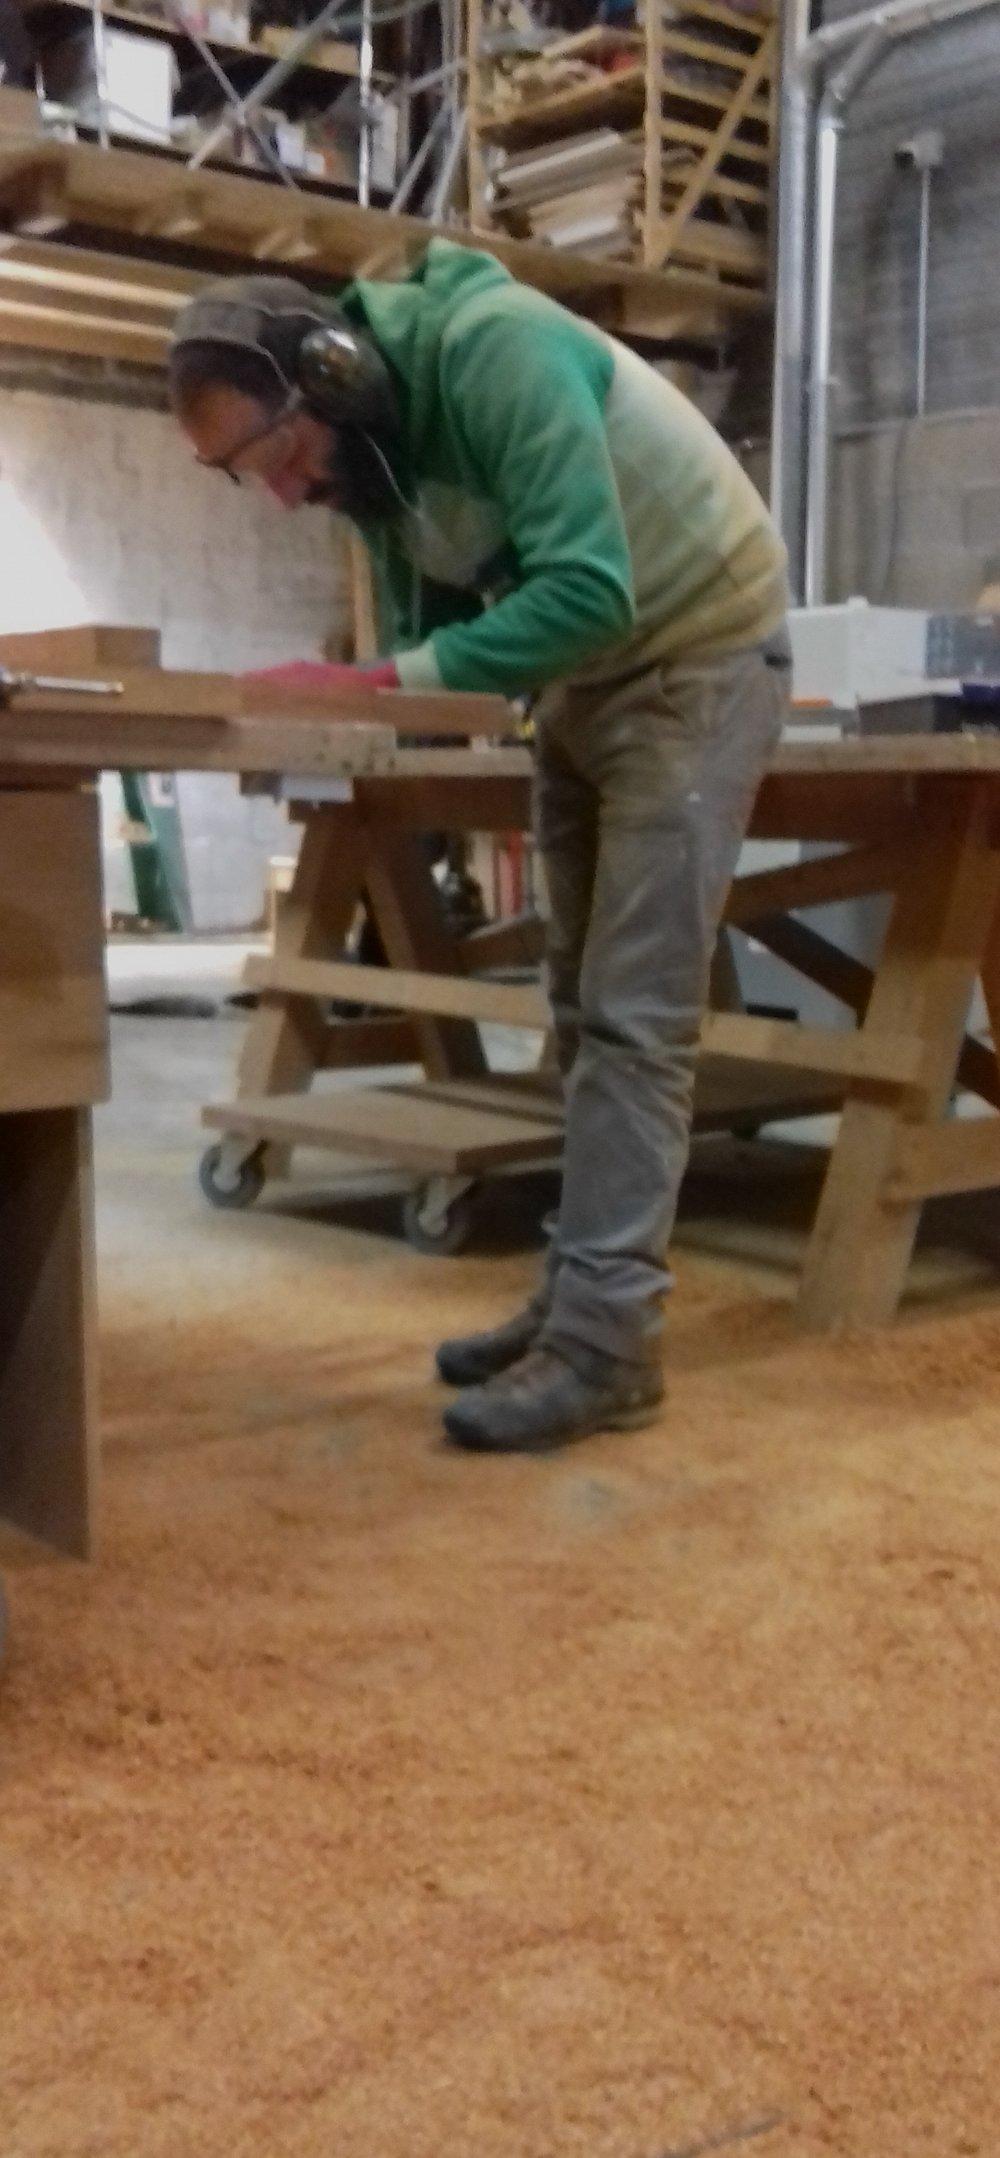 Sam Fabrication de bancs en Ipé à Mon atelier partagé -Corbas.JPG